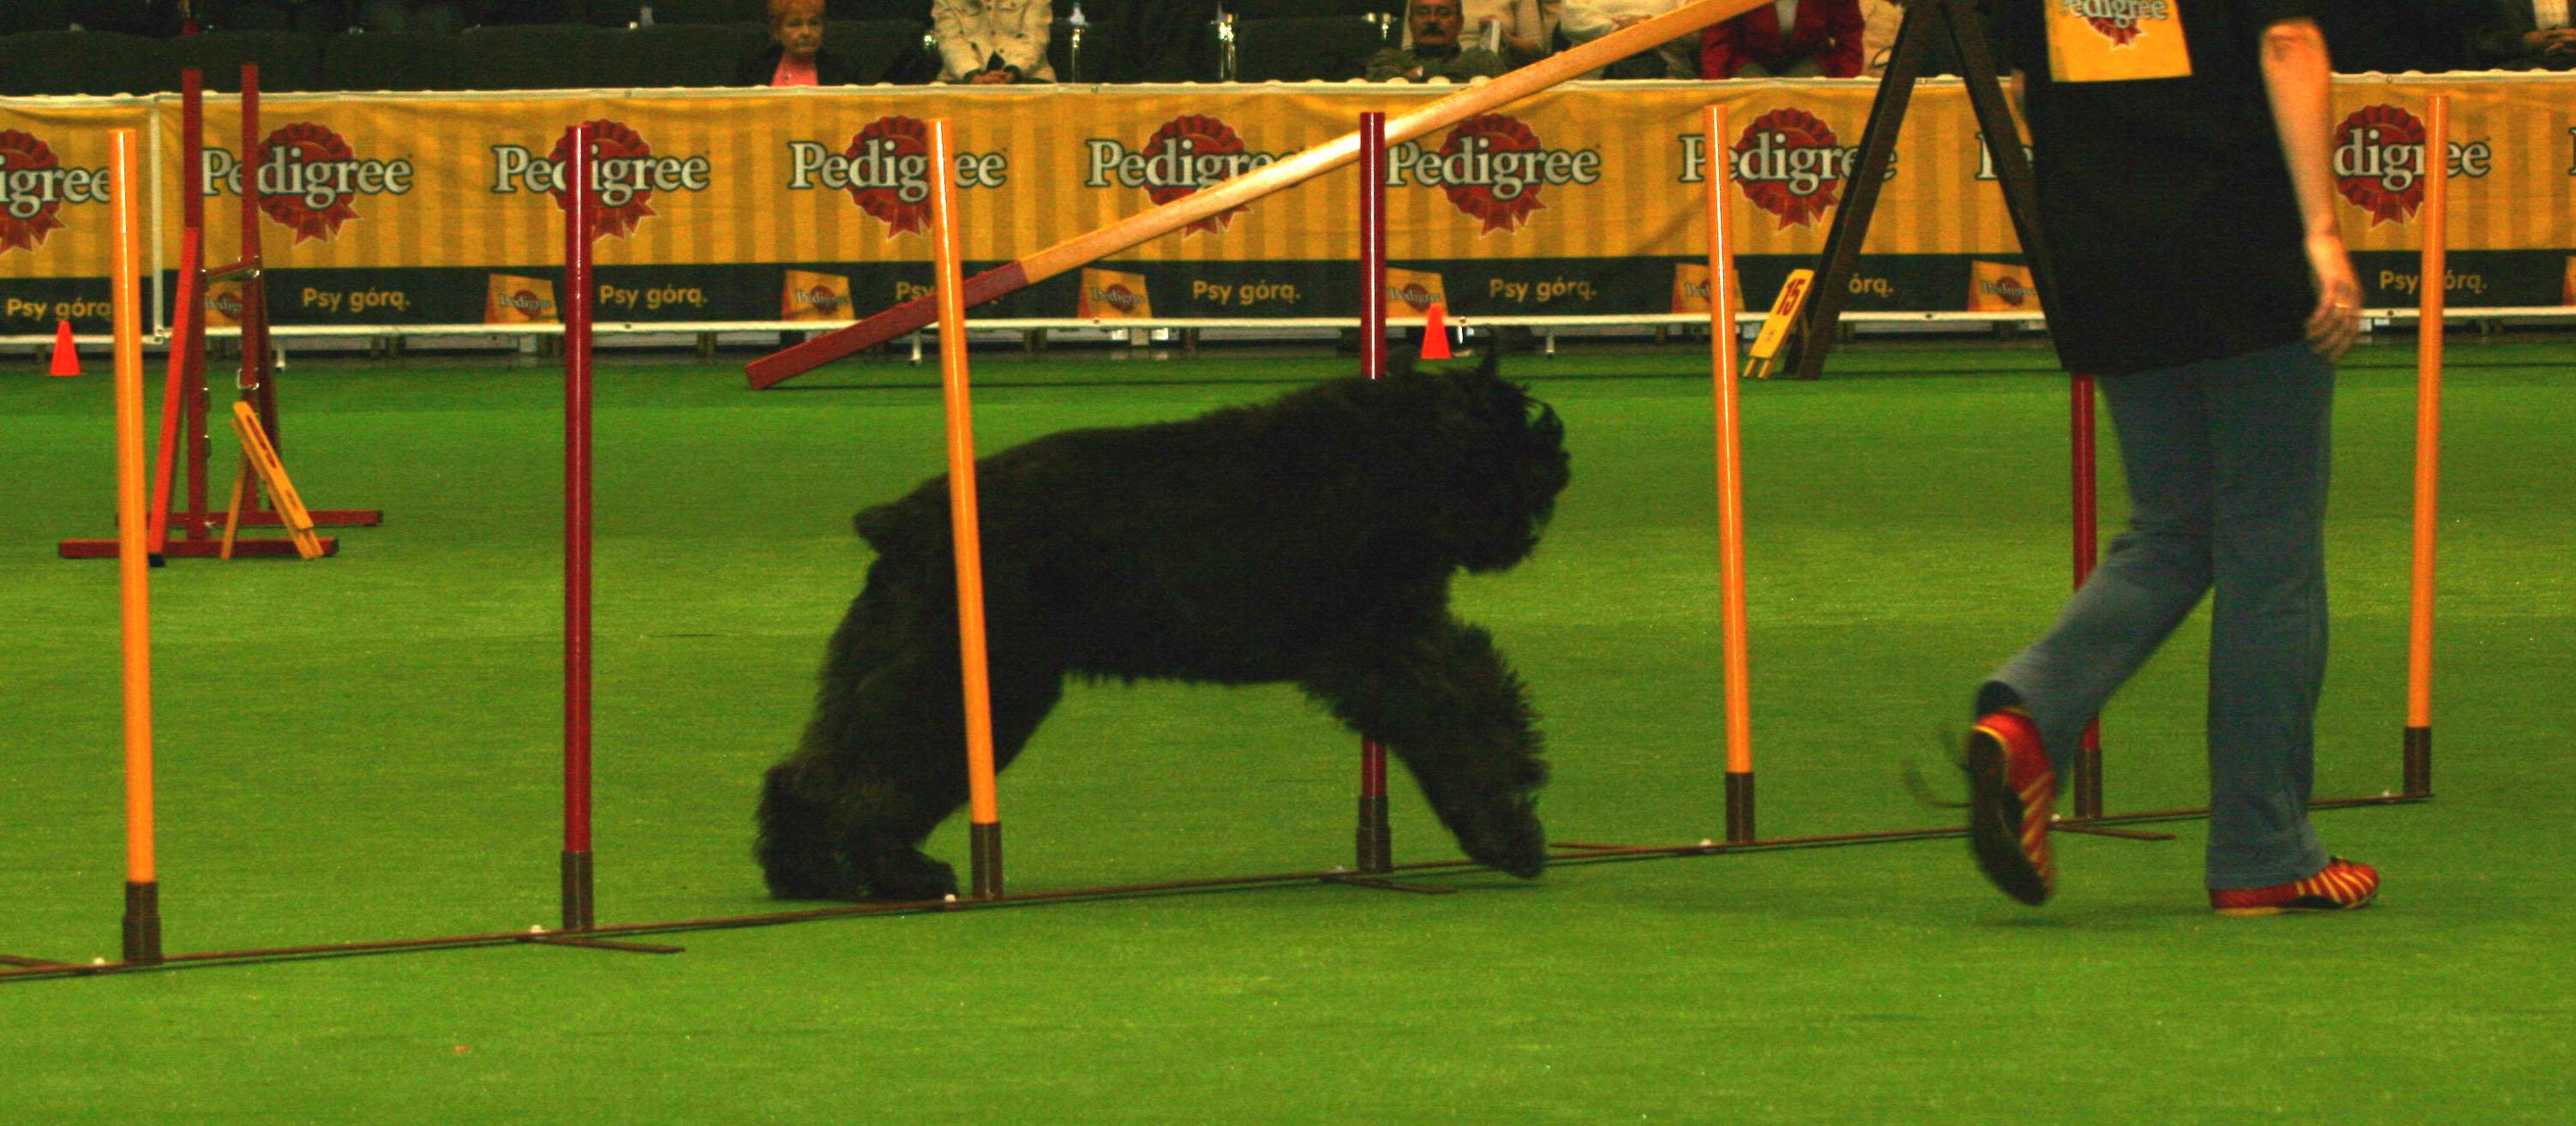 World Dog Show - Wikipedia